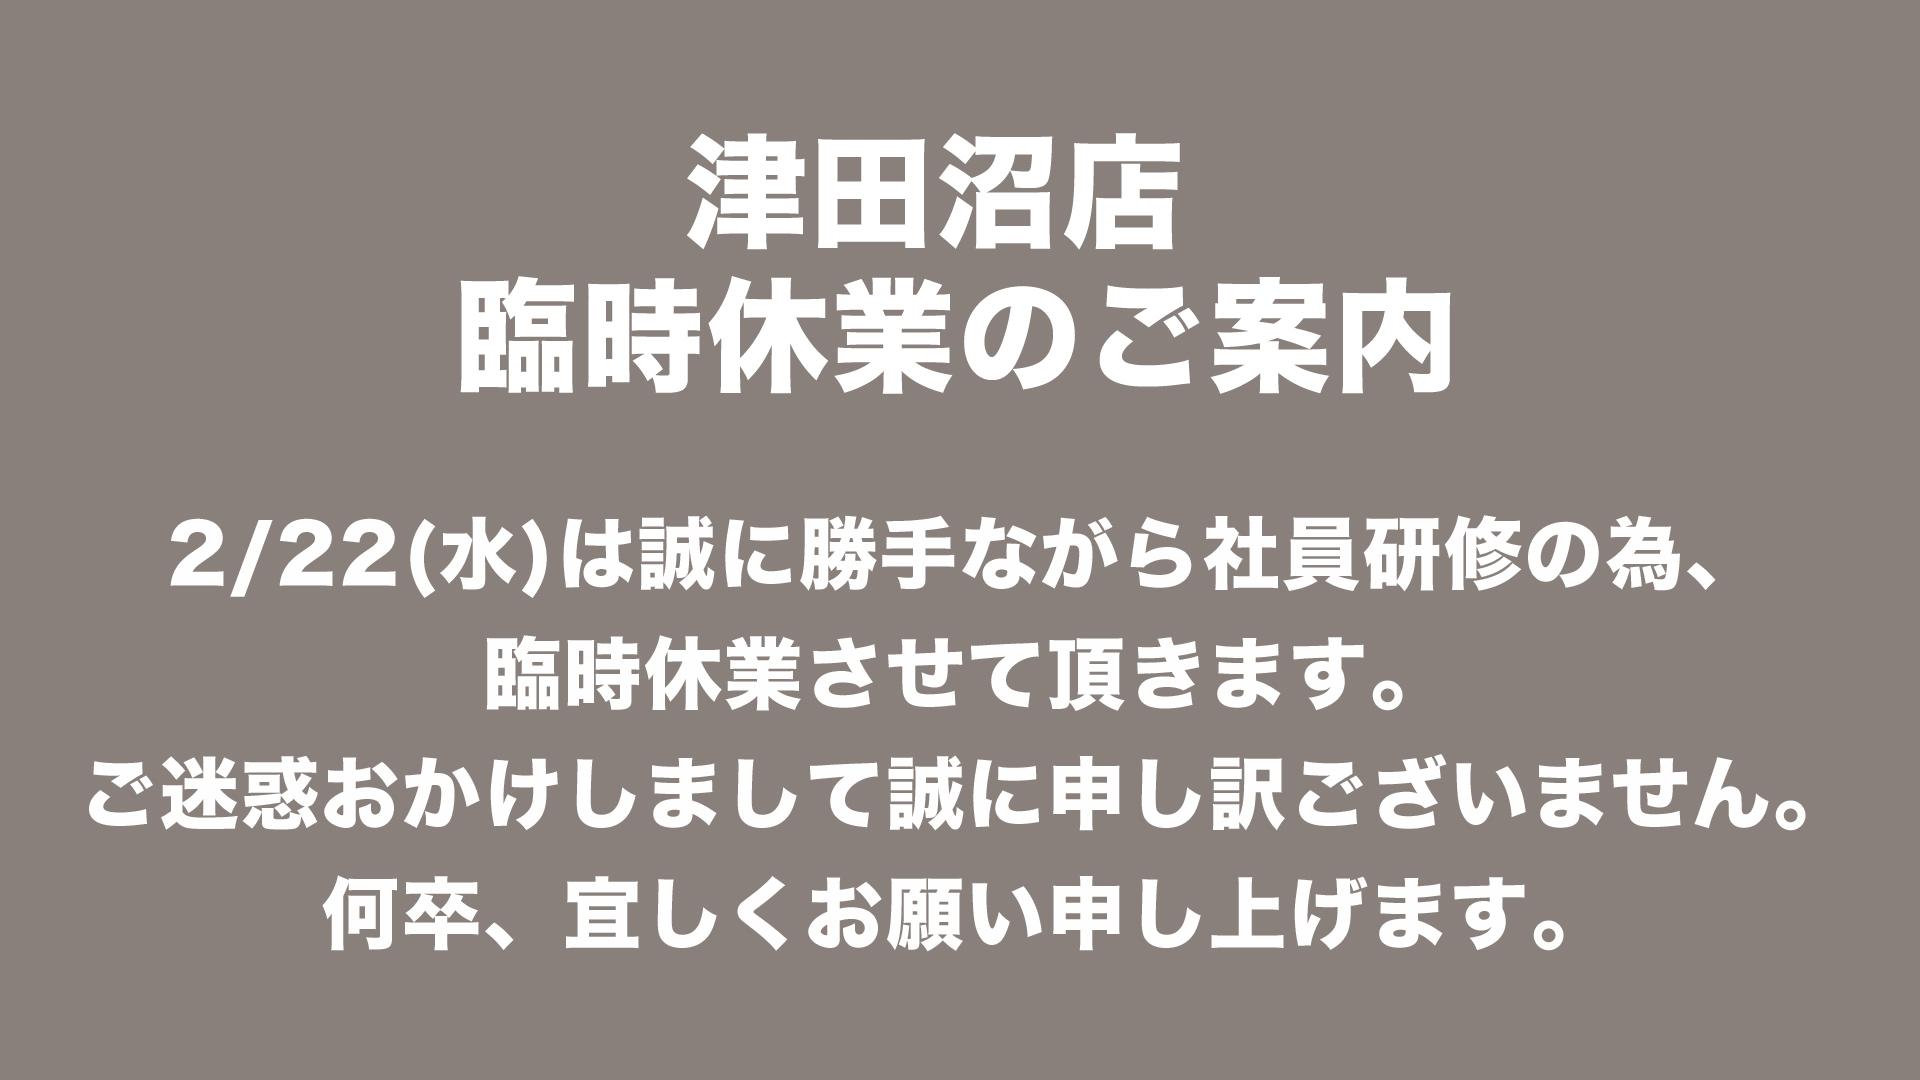 津田沼店 臨時休業のご案内